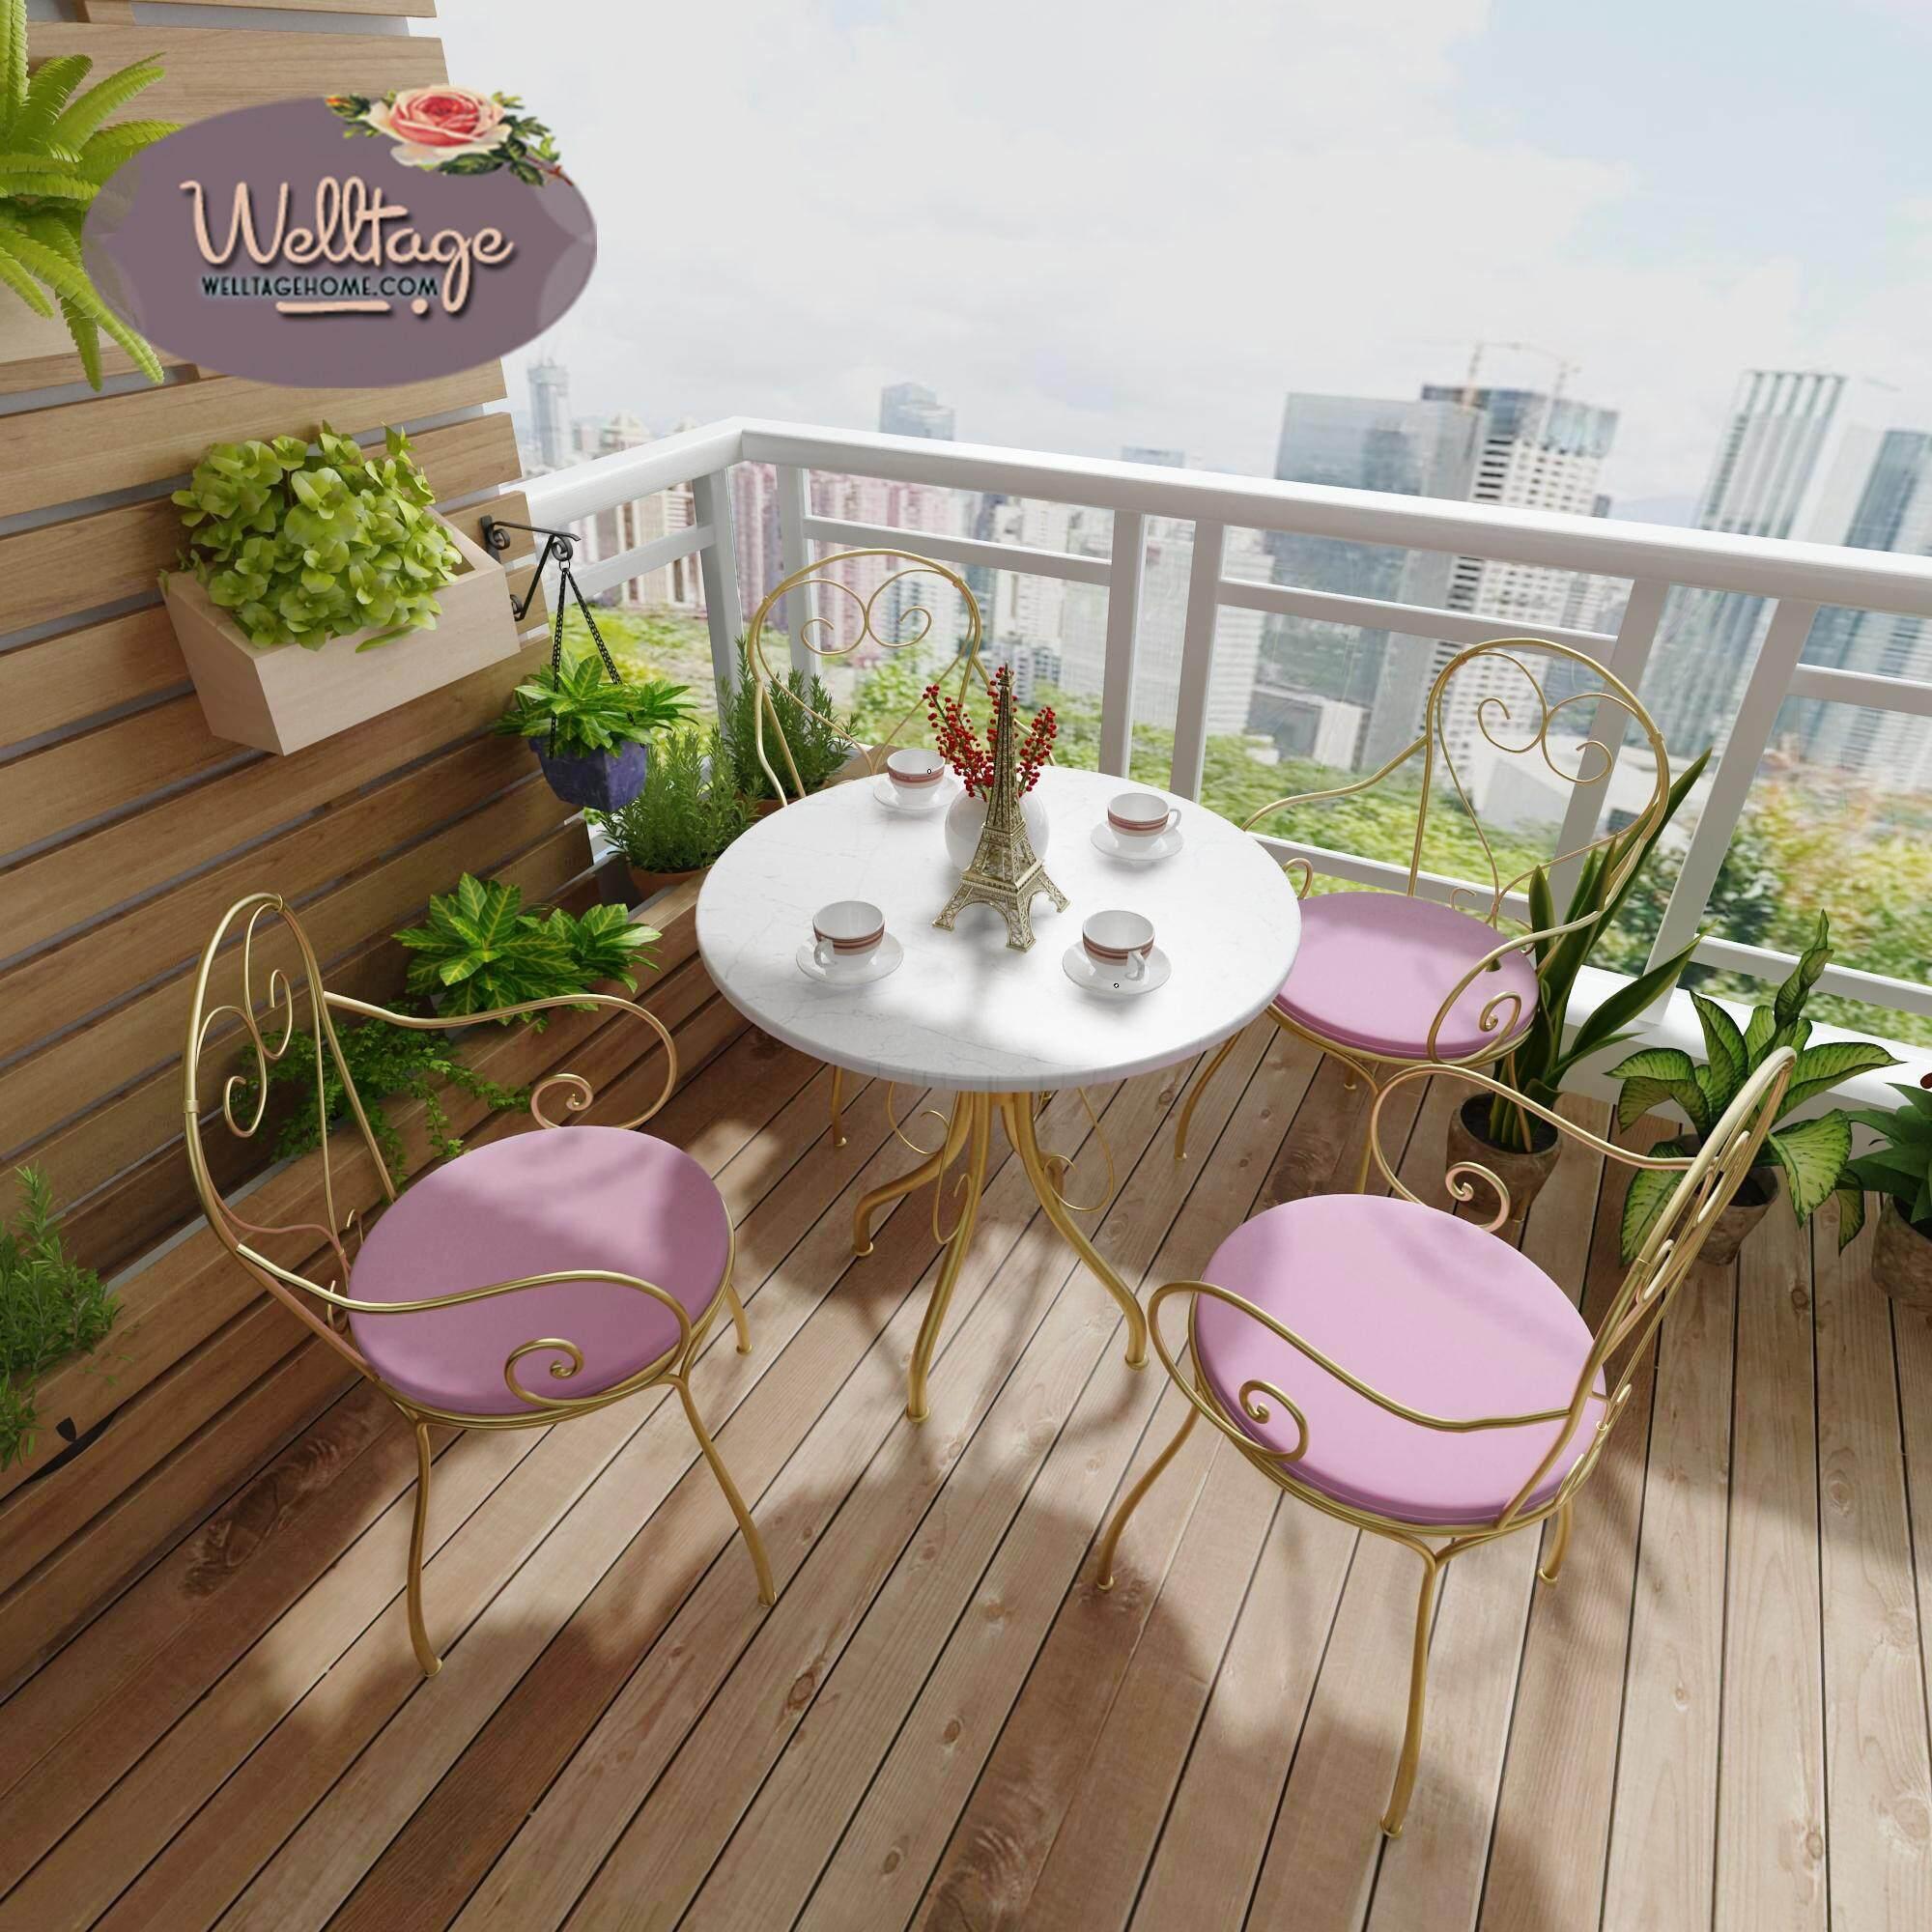 เก้าอี้โต๊ะกาแฟสไตล์ยุโรป พักผ่อนอย่างสบาย สวยงาม แข็งแรง By Welltage Design.